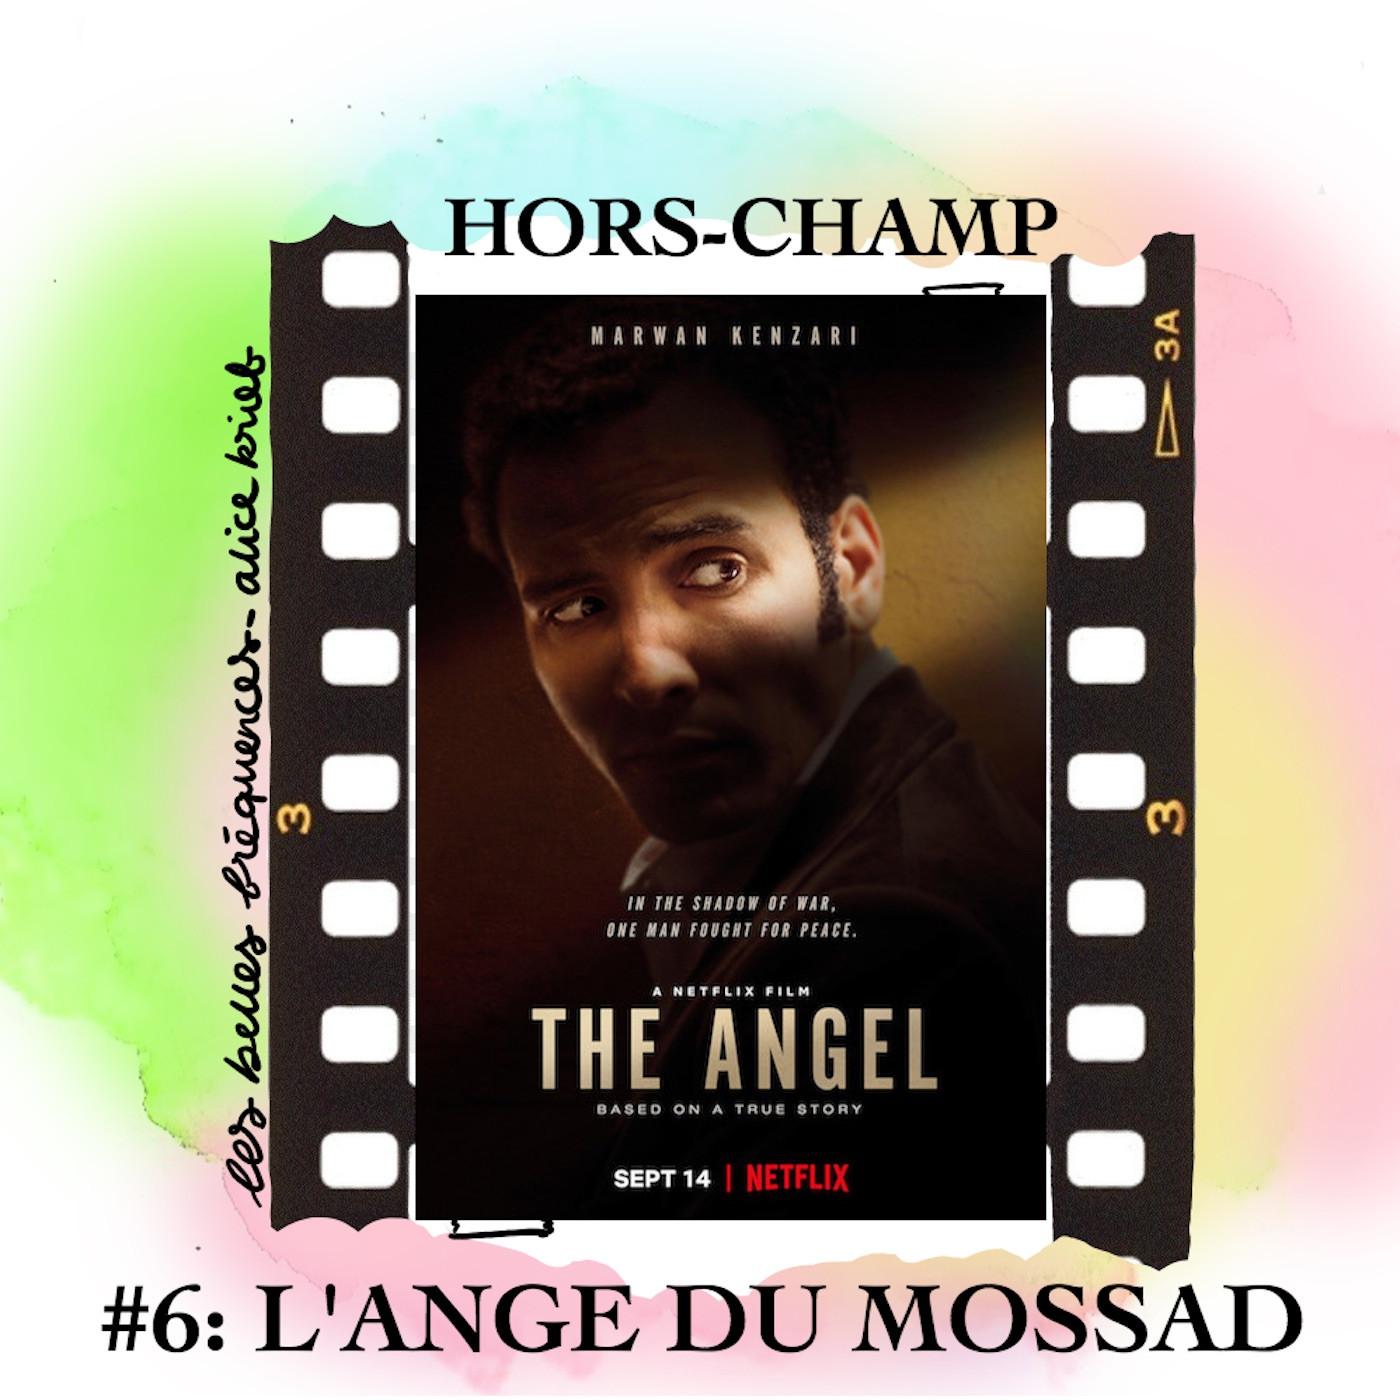 #6: L'ange du Mossad